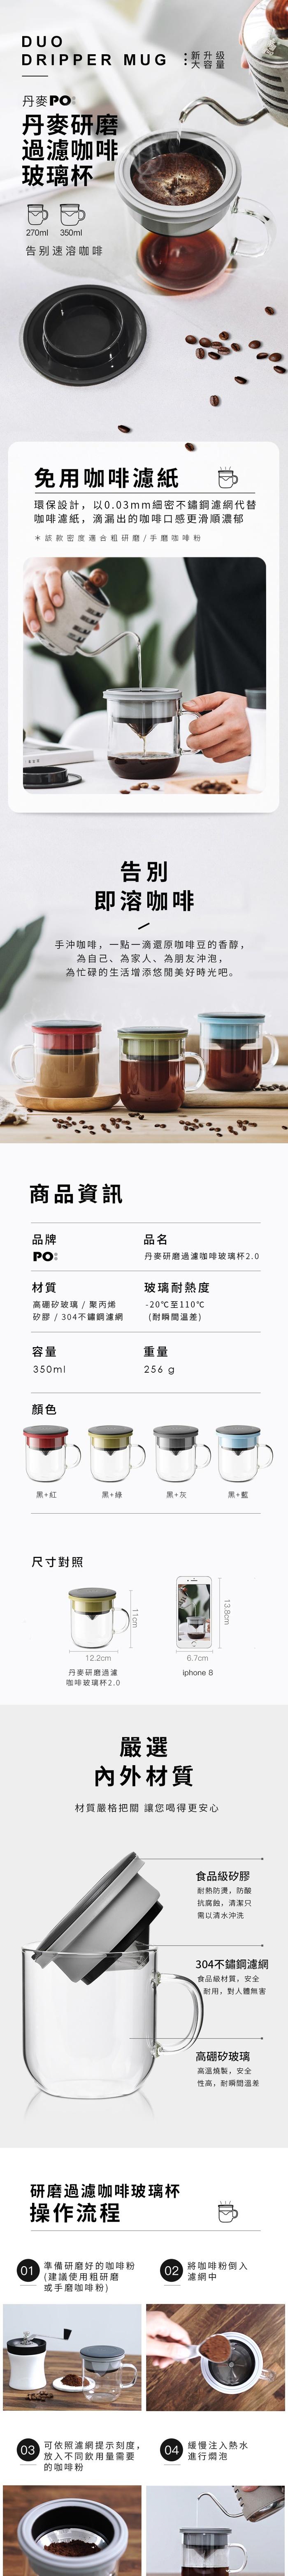 (複製)PO:Selected|丹麥手沖咖啡禮盒組(手動咖啡磨-黑/咖啡玻璃杯240ml-藍)